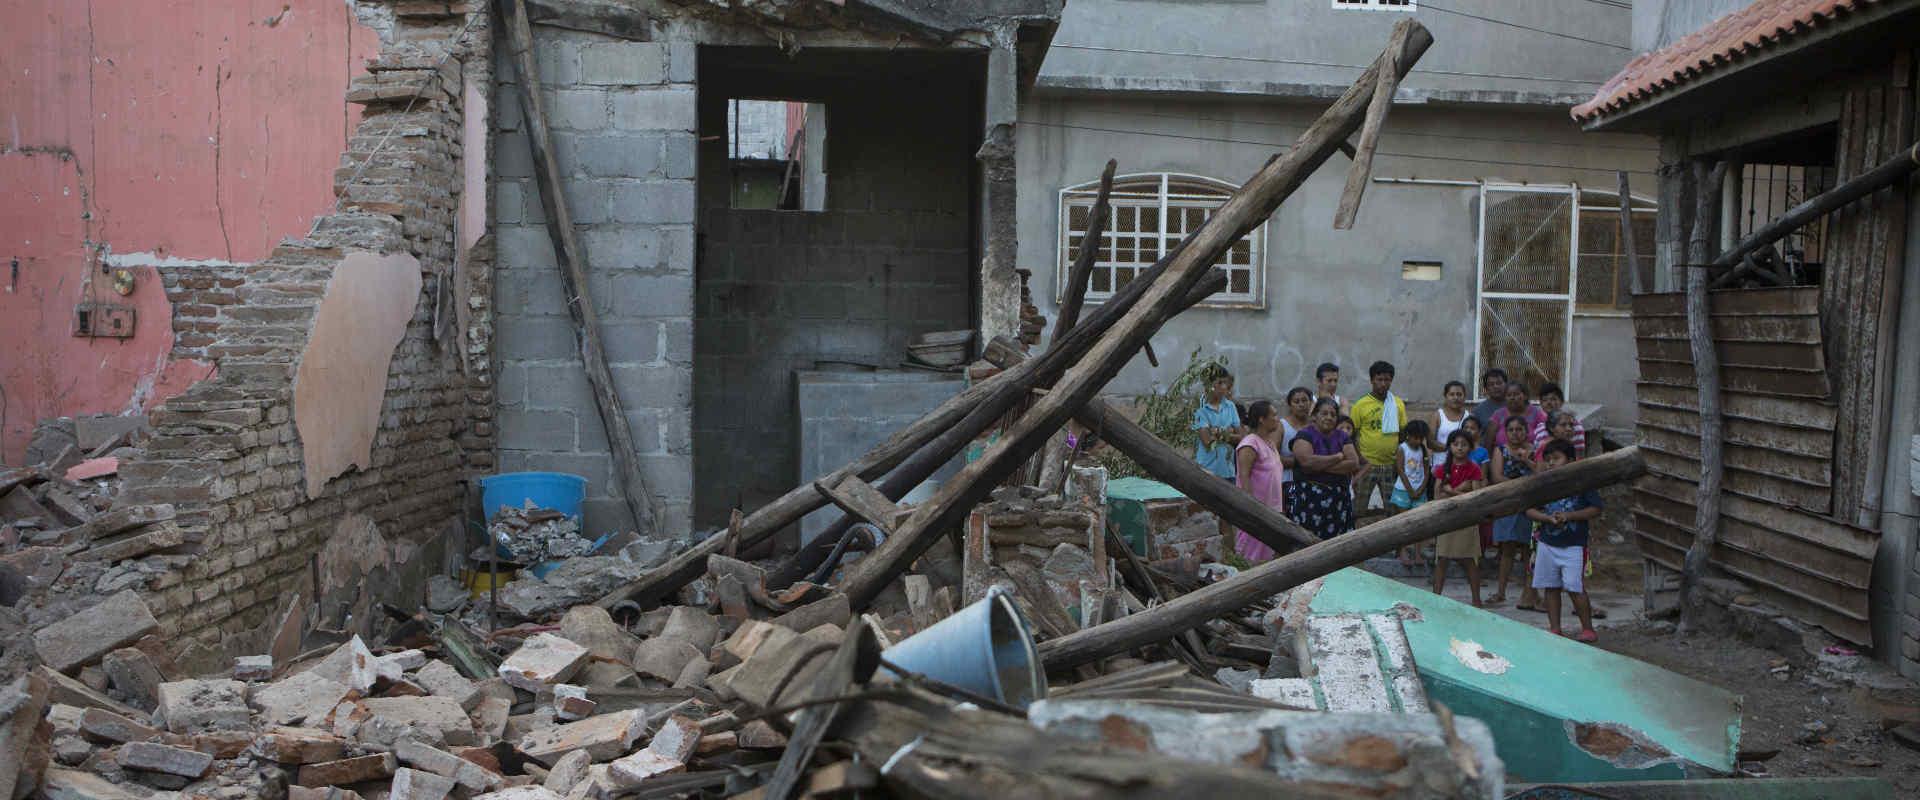 הריסות במקסיקו לאחר רעידת האדמה